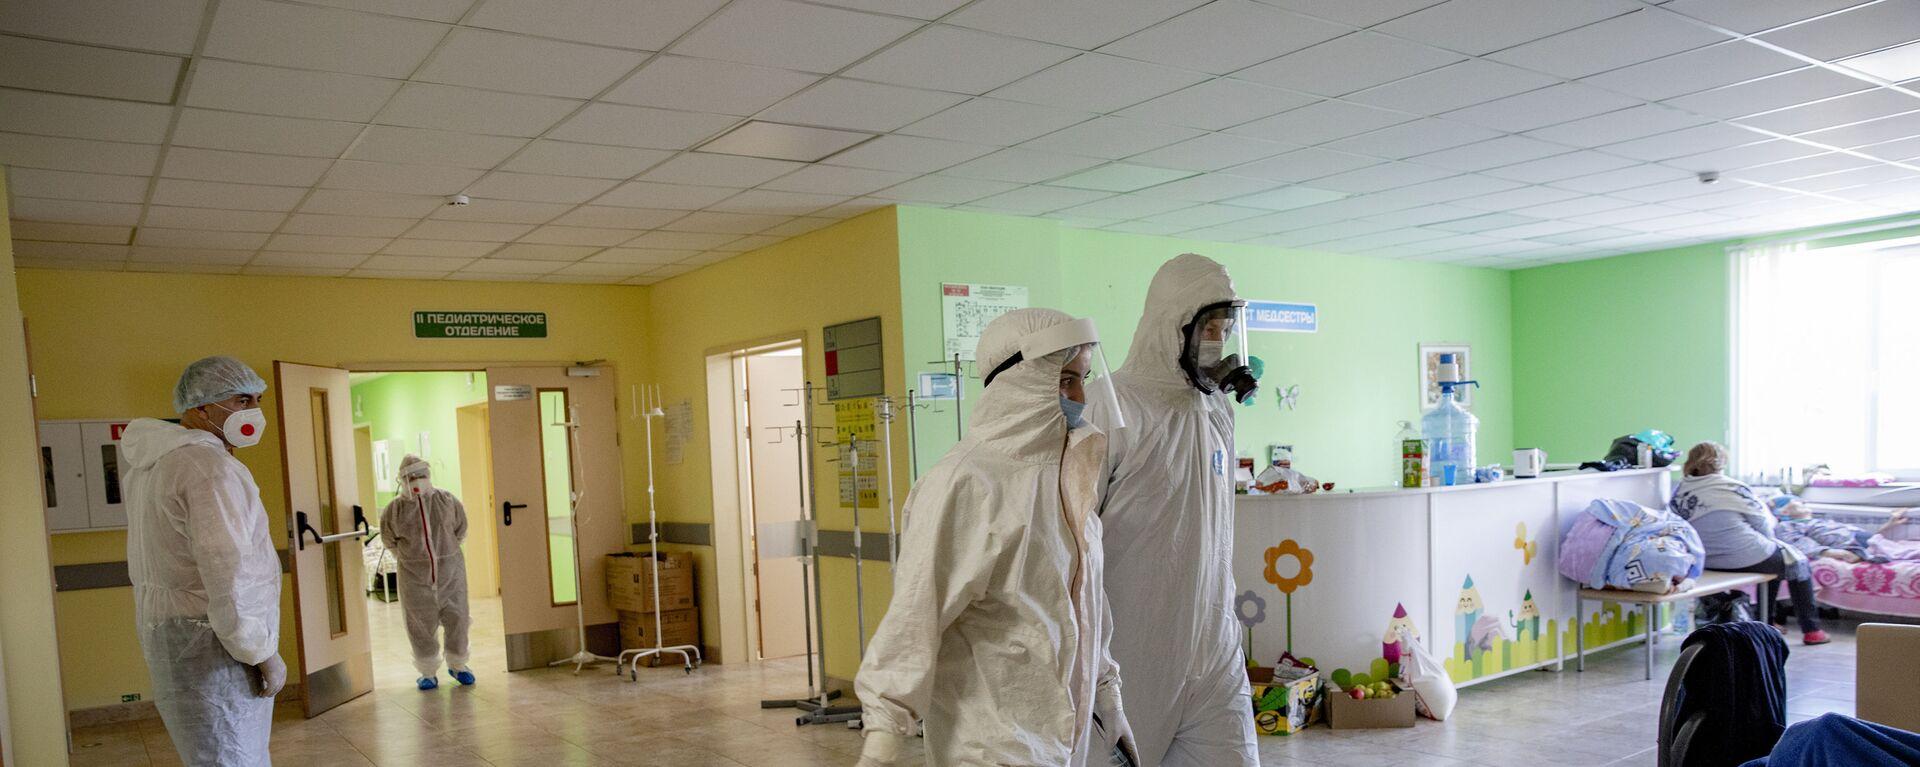 Борьба с коронавирусом в Южной Осетии: Детская больница - Sputnik Южная Осетия, 1920, 07.10.2021